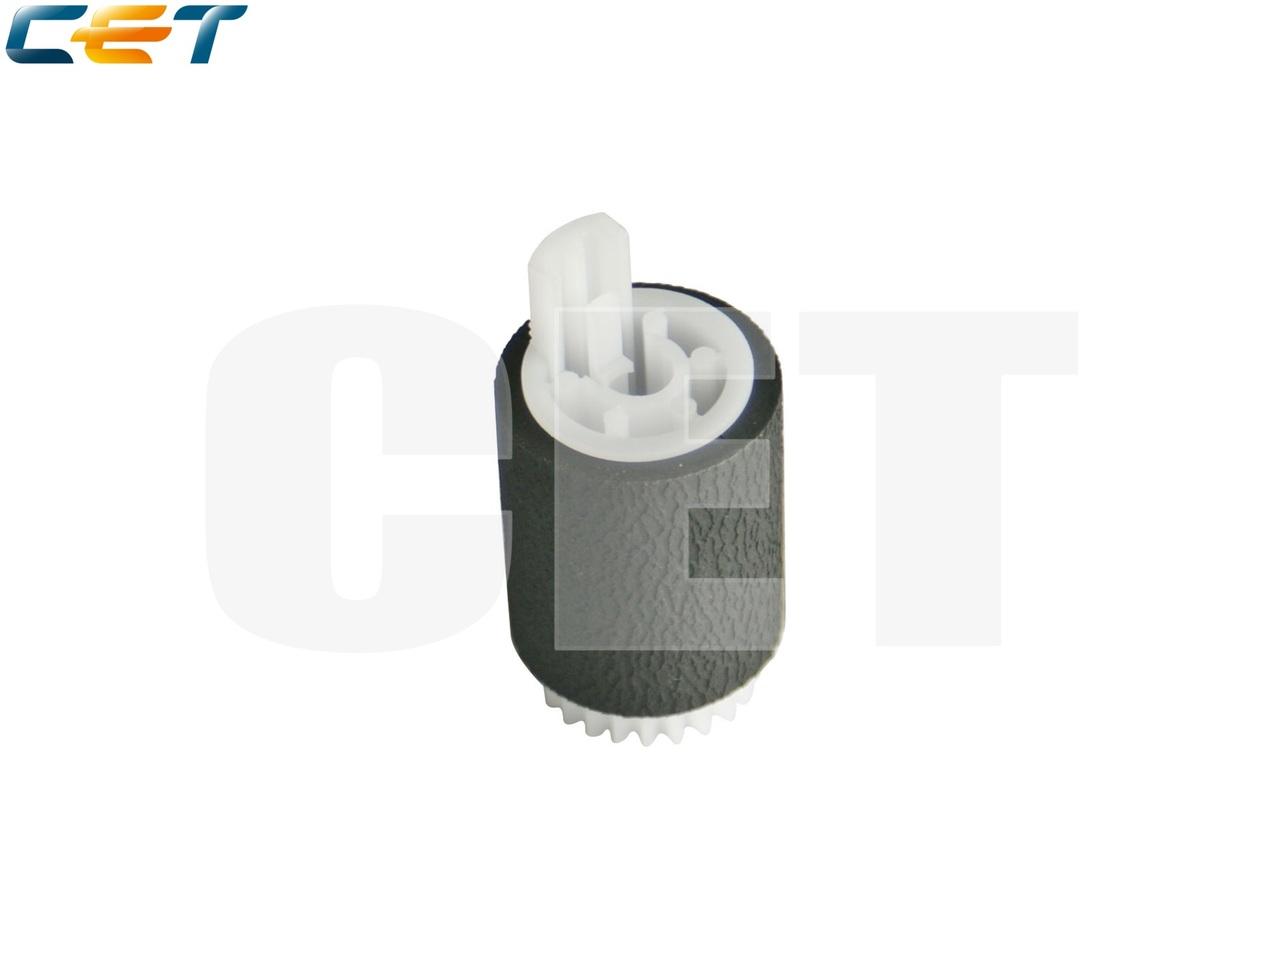 Ролик отделения (Long Life) FF5-4634-020 для CANONiR2200/2800/3300/3320 (CET), CET5166